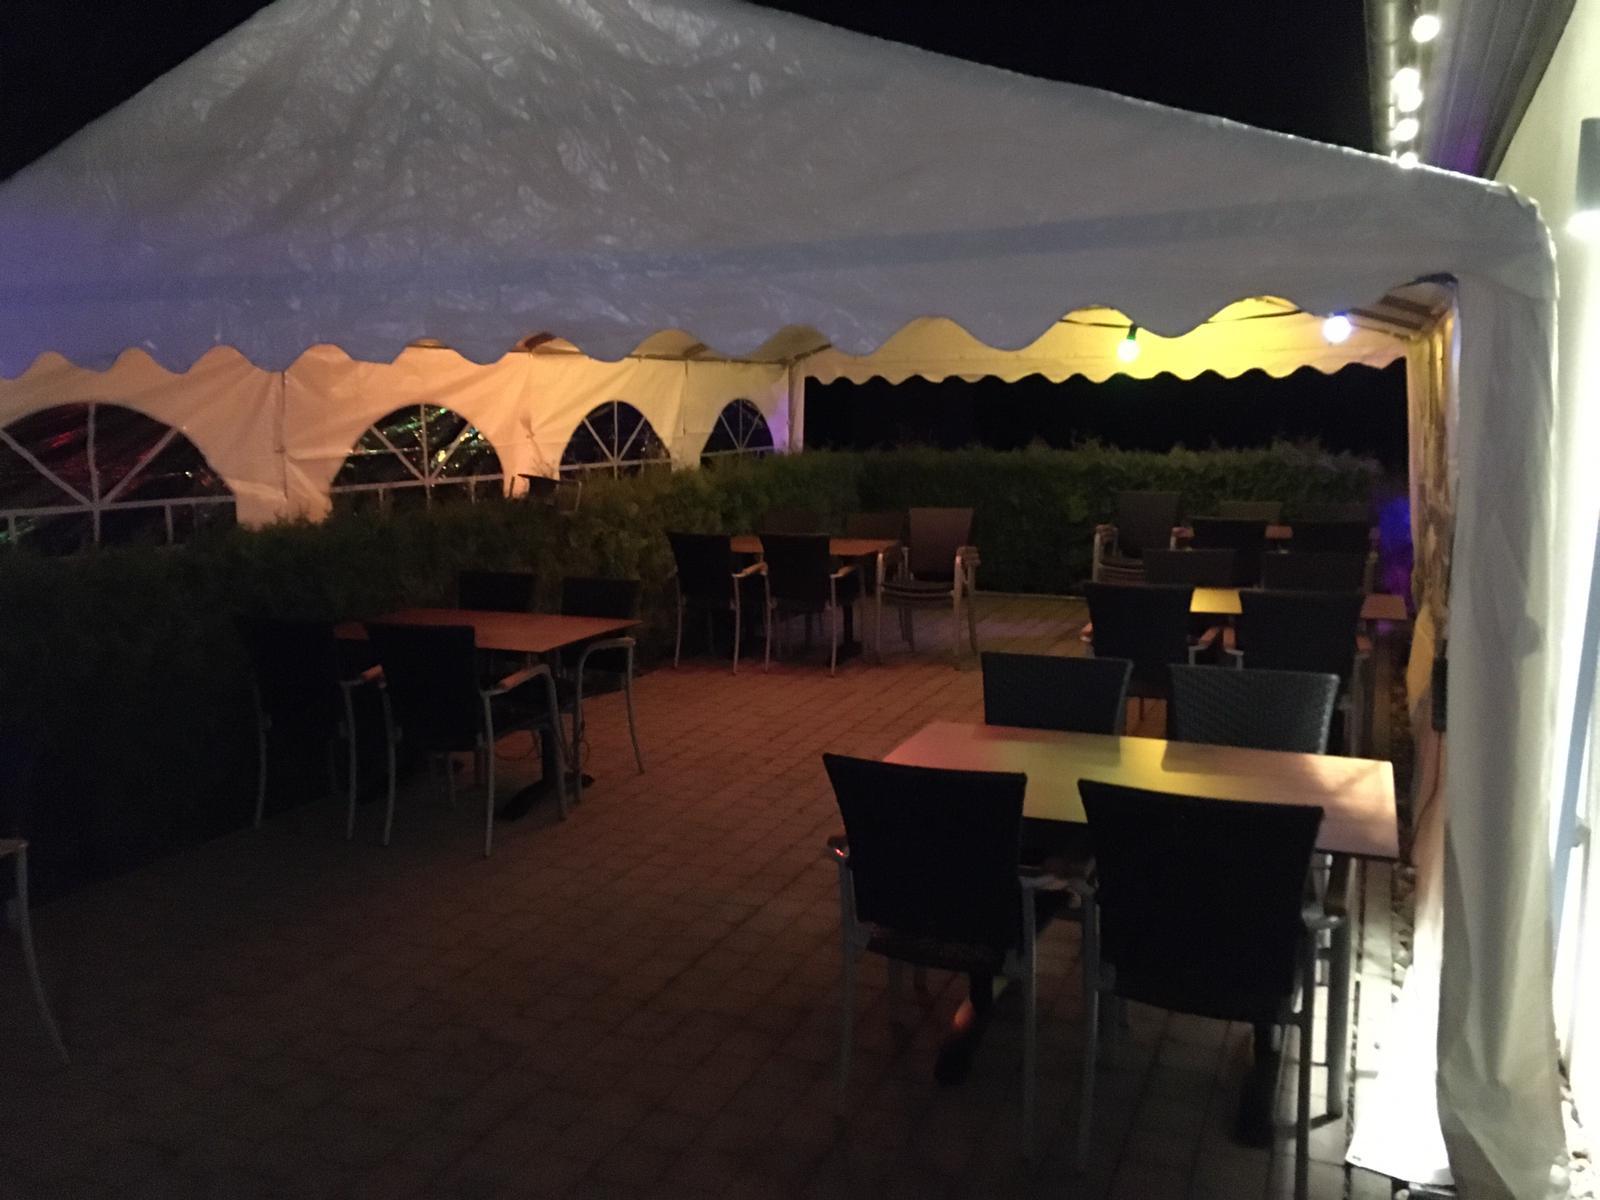 Biergarten mit Zelt - Nachts